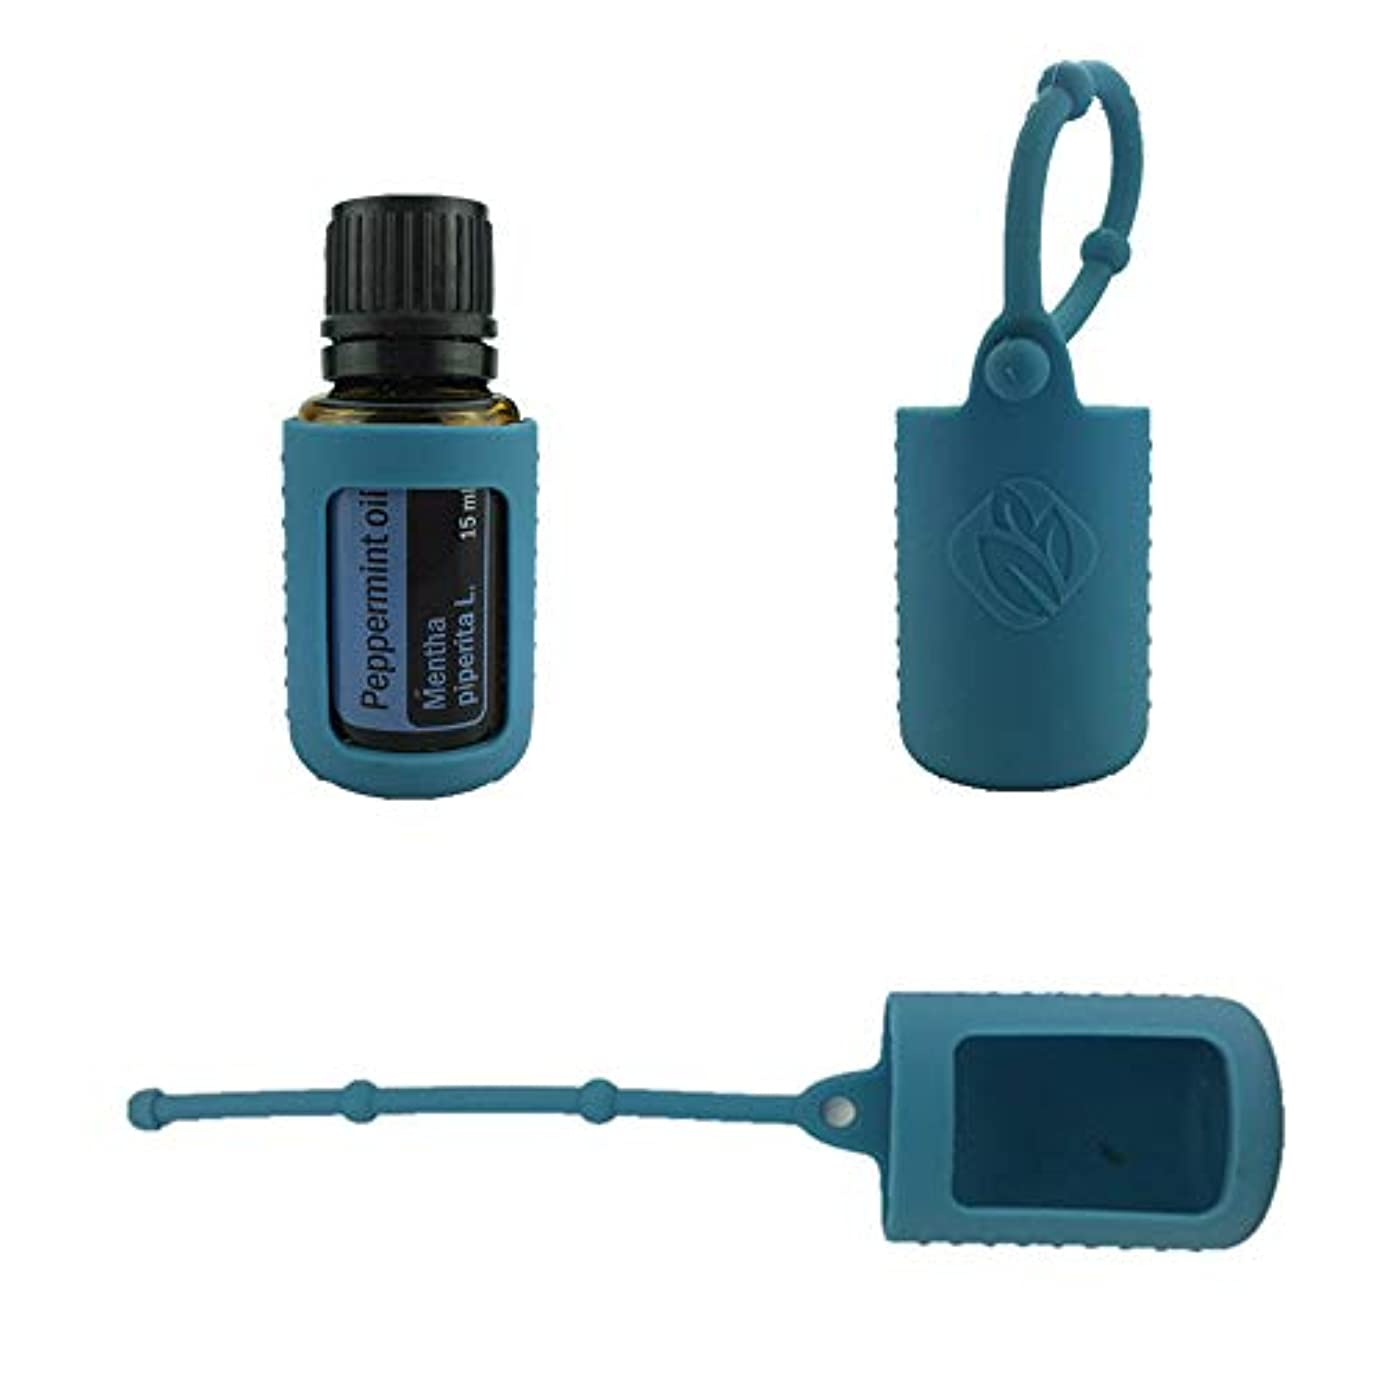 宴会音声インチ6パック熱望オイルボトルシリコンローラーボトルホルダースリーブエッセンシャルオイルボトル保護カバーケースハングロープ - ダンク ブルー - 6-pcs 5ml